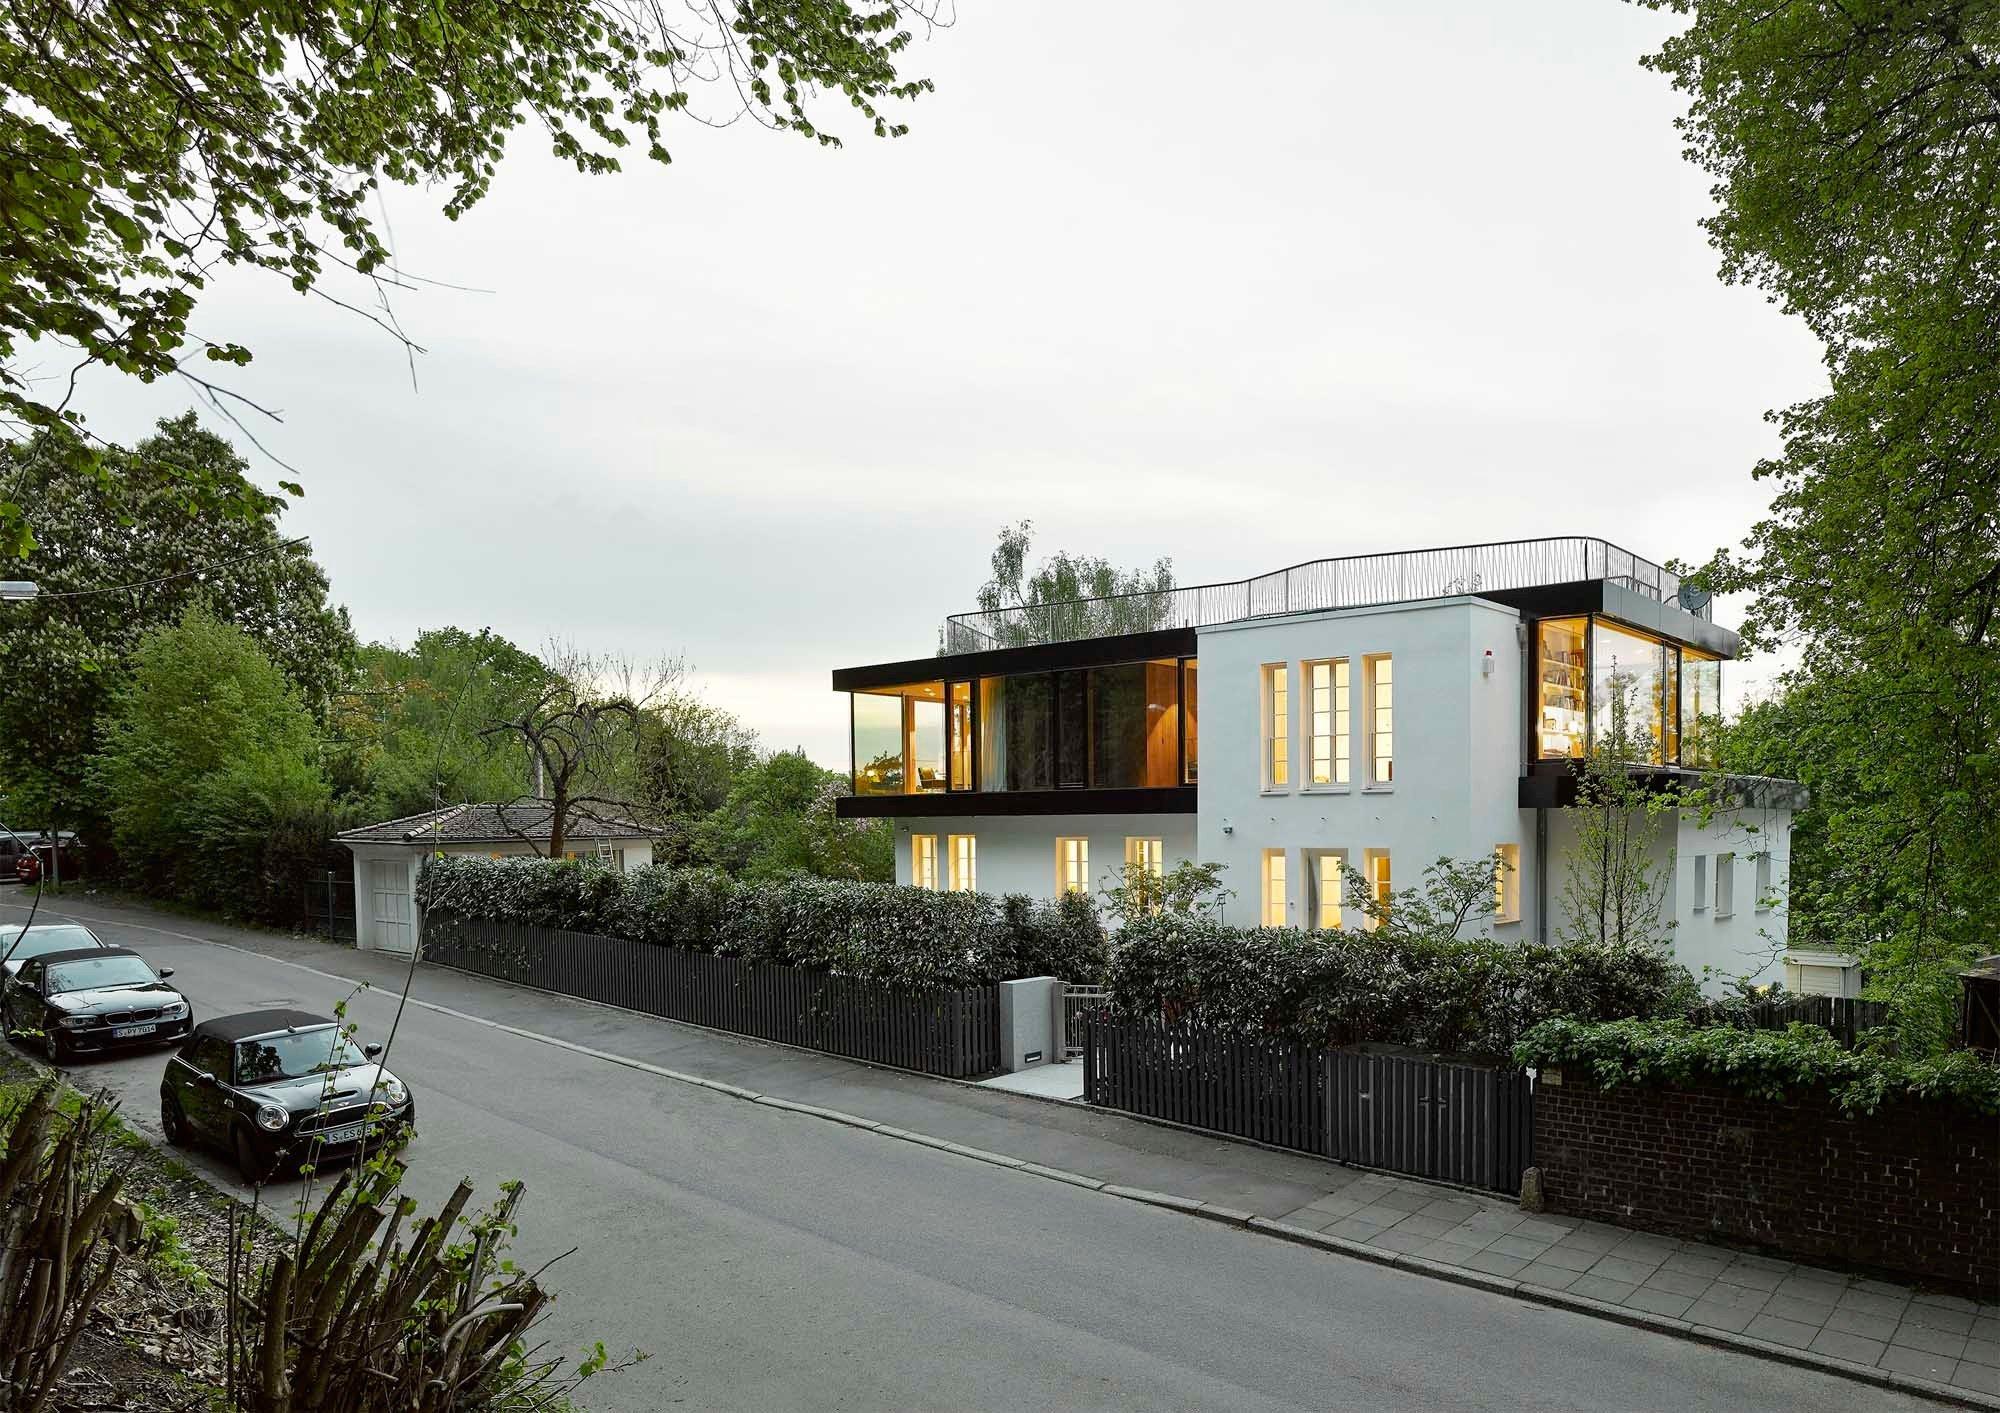 aufstockung haus s in stuttgart flachdach wohnen baunetz wissen. Black Bedroom Furniture Sets. Home Design Ideas